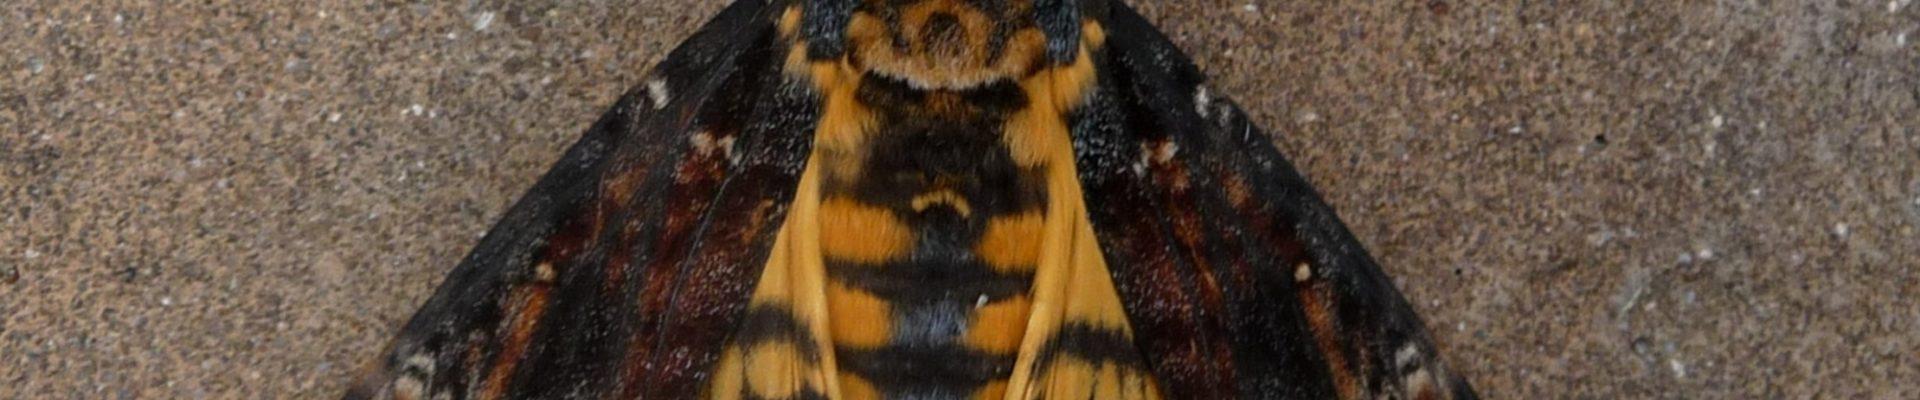 Waarnemingen van dagvlinders, macro- en micronachtvlinders